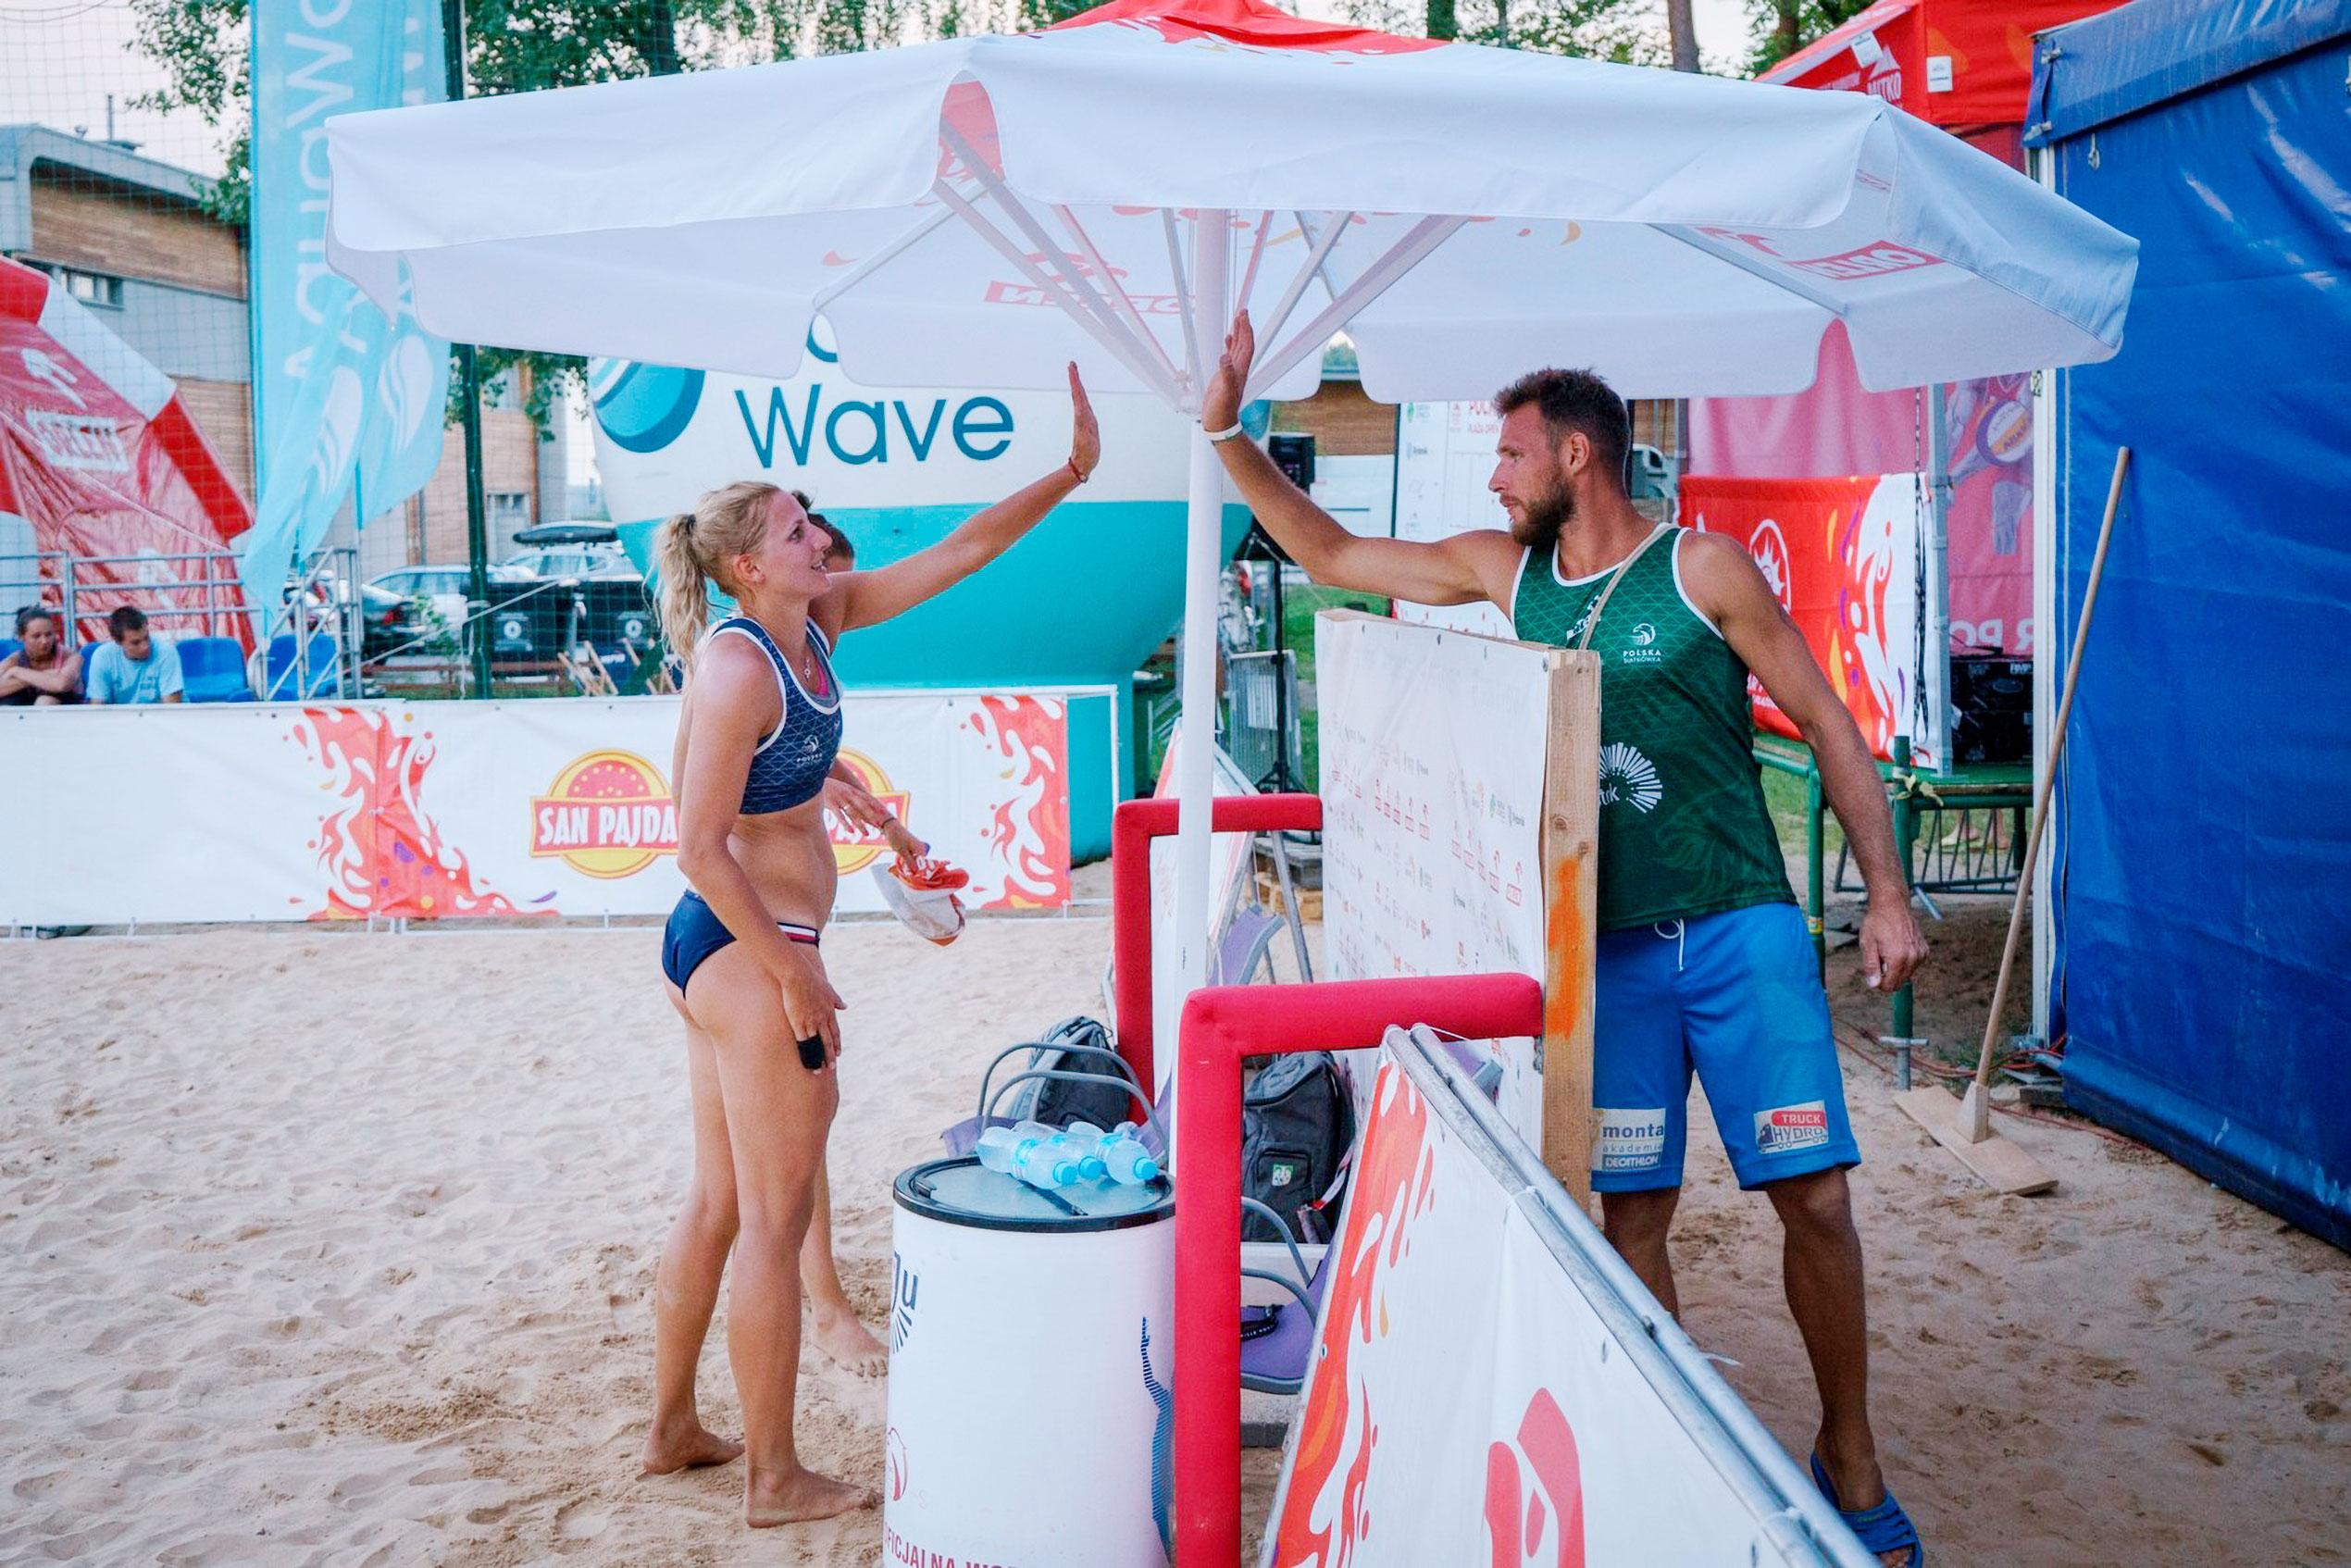 Sonnenschirm Expert Sport-Event